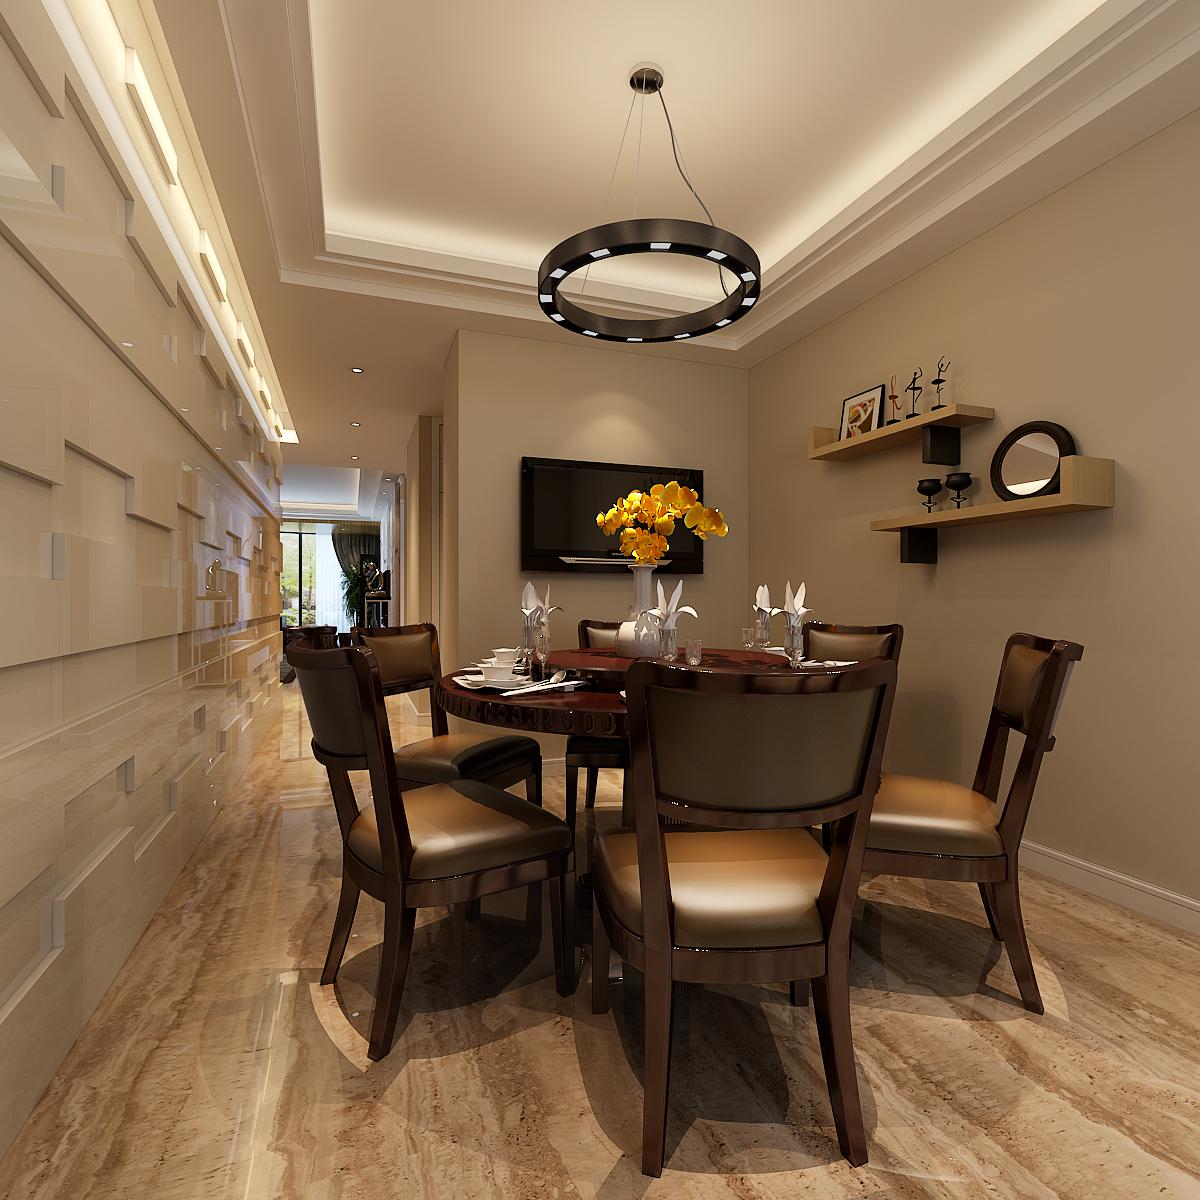 简约 欧式 田园 混搭 二居 三居 别墅 白领 旧房改造 餐厅图片来自龙发专家设计师文敏红在天裕小区极简风的分享